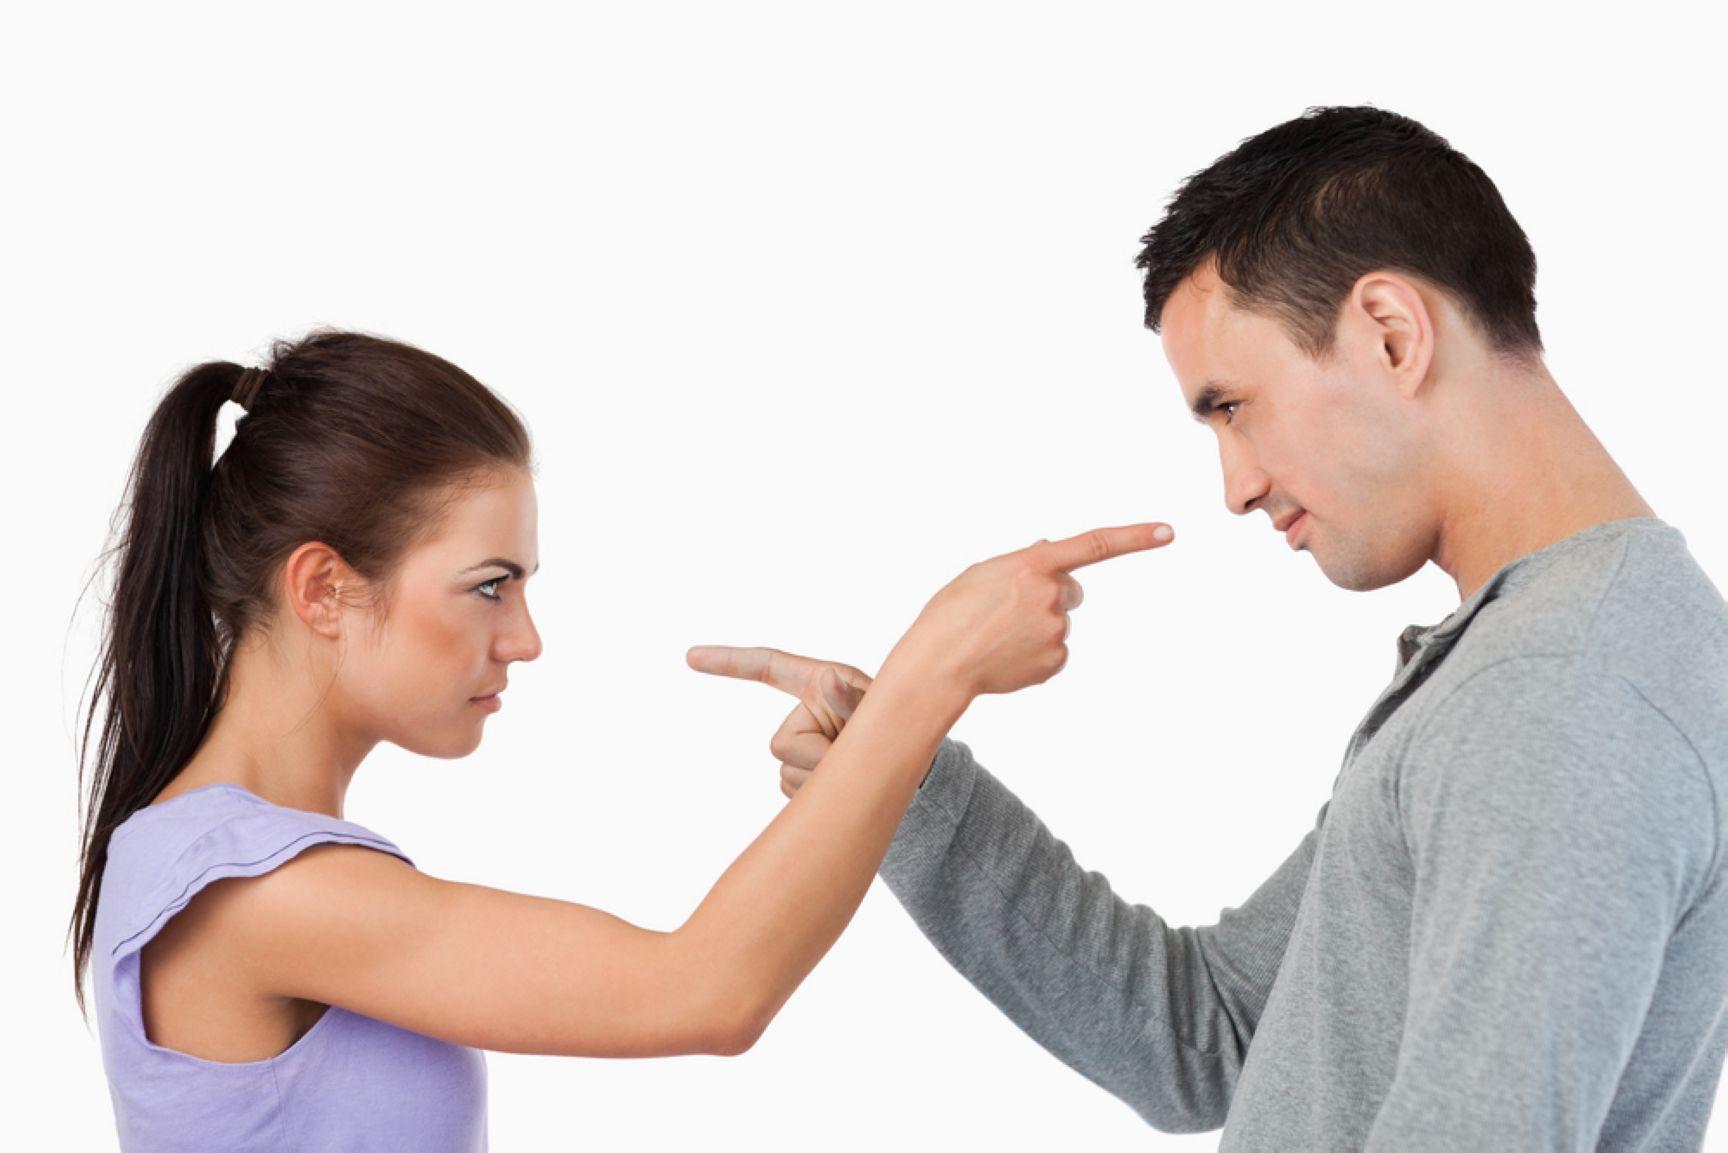 картинки соры с женой диагностике патологий позвоночника